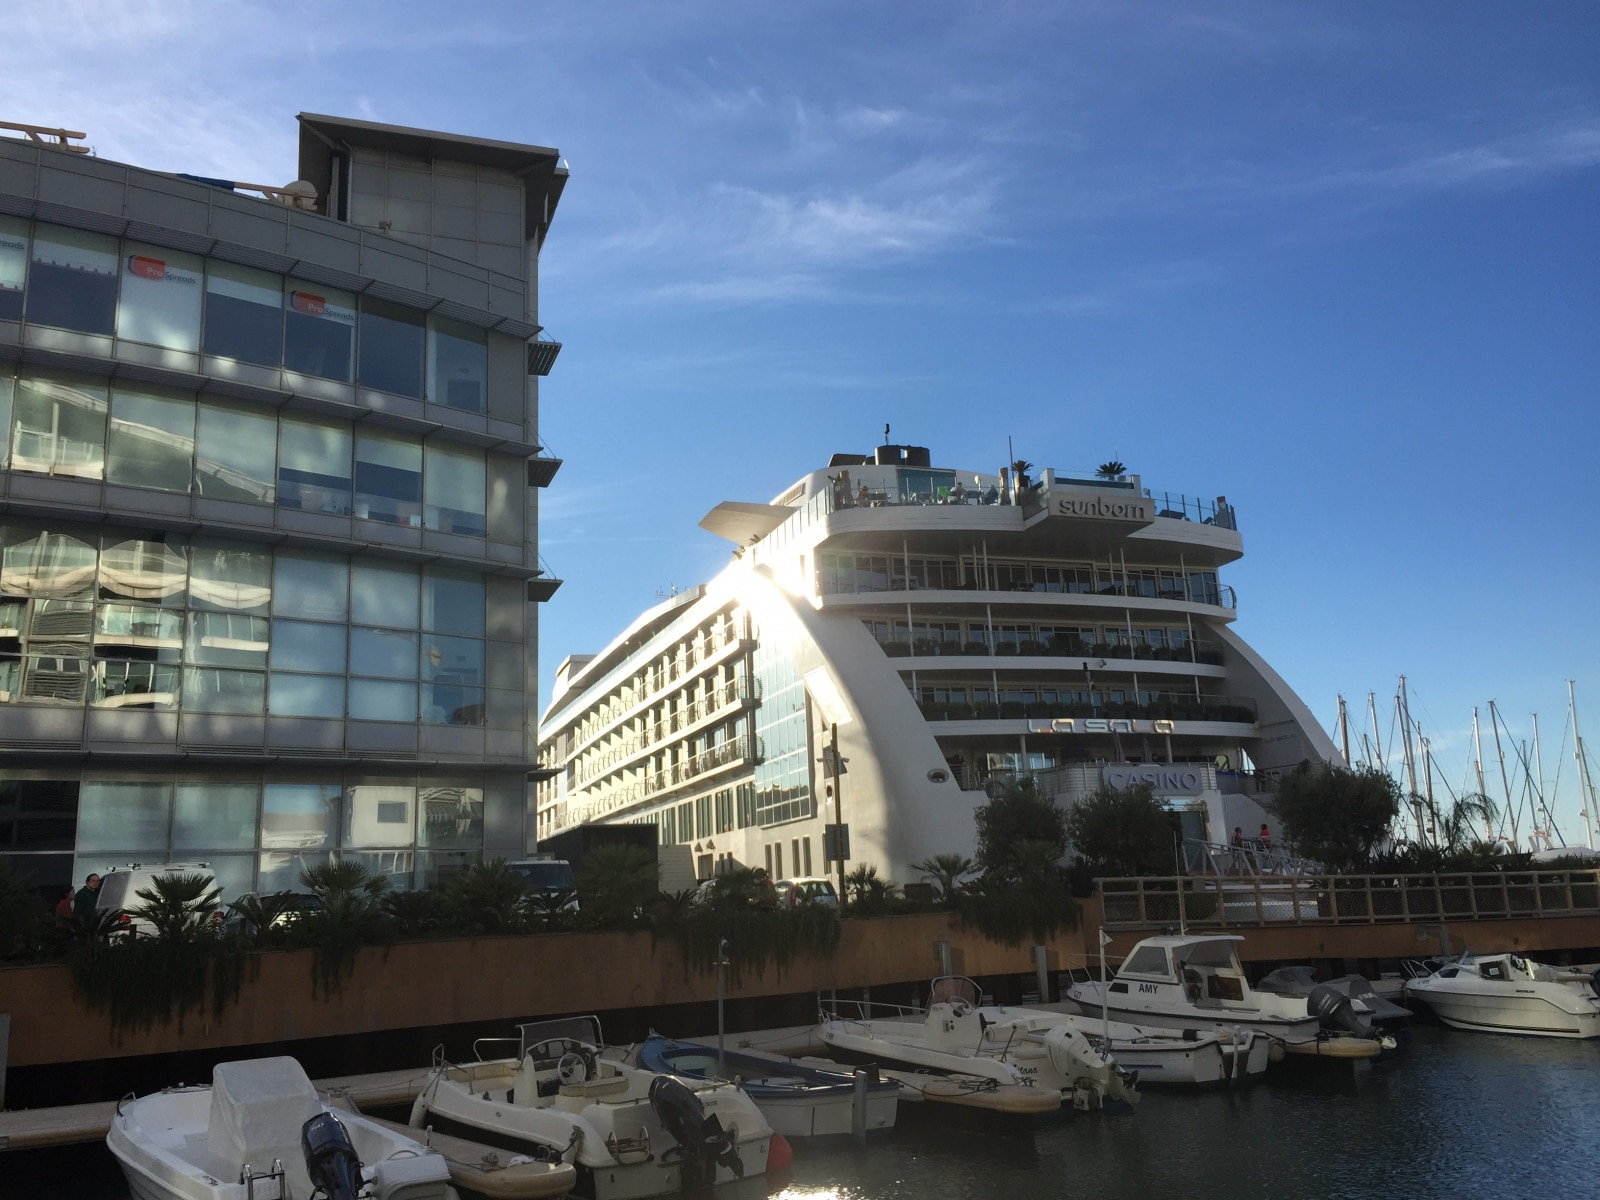 el-hotel-flotante-de-lujo-sunborn-est-permanentemente-en-la-marina-de-ocean-village-de-gibraltar_22727097582_o